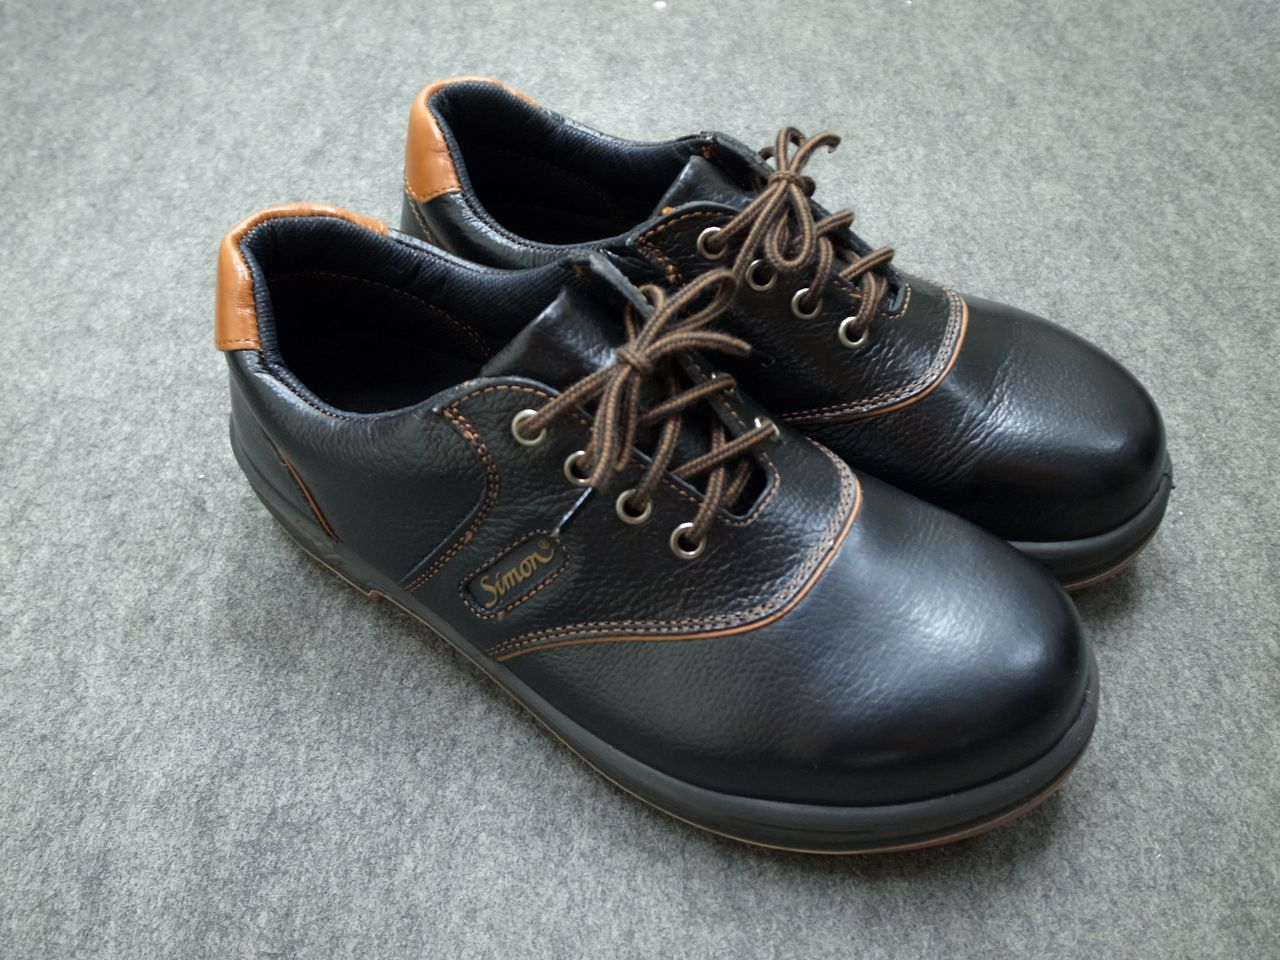 シモンライト。おNEWな安全靴。 : 沖縄の風